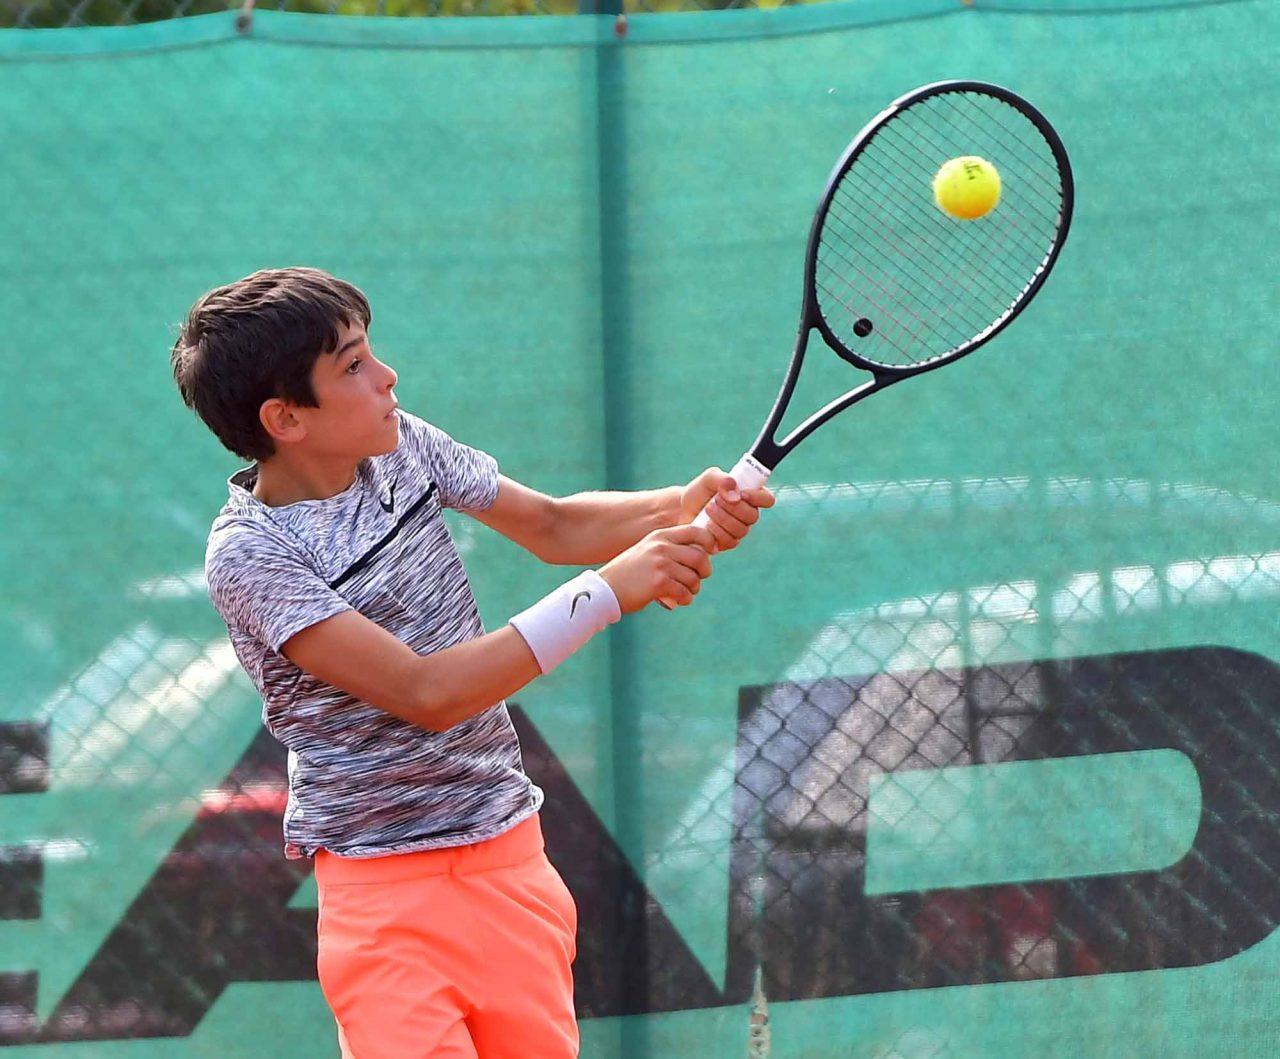 Държавно първенство тенис до 14 год. ТК 15-40 момчета (12)